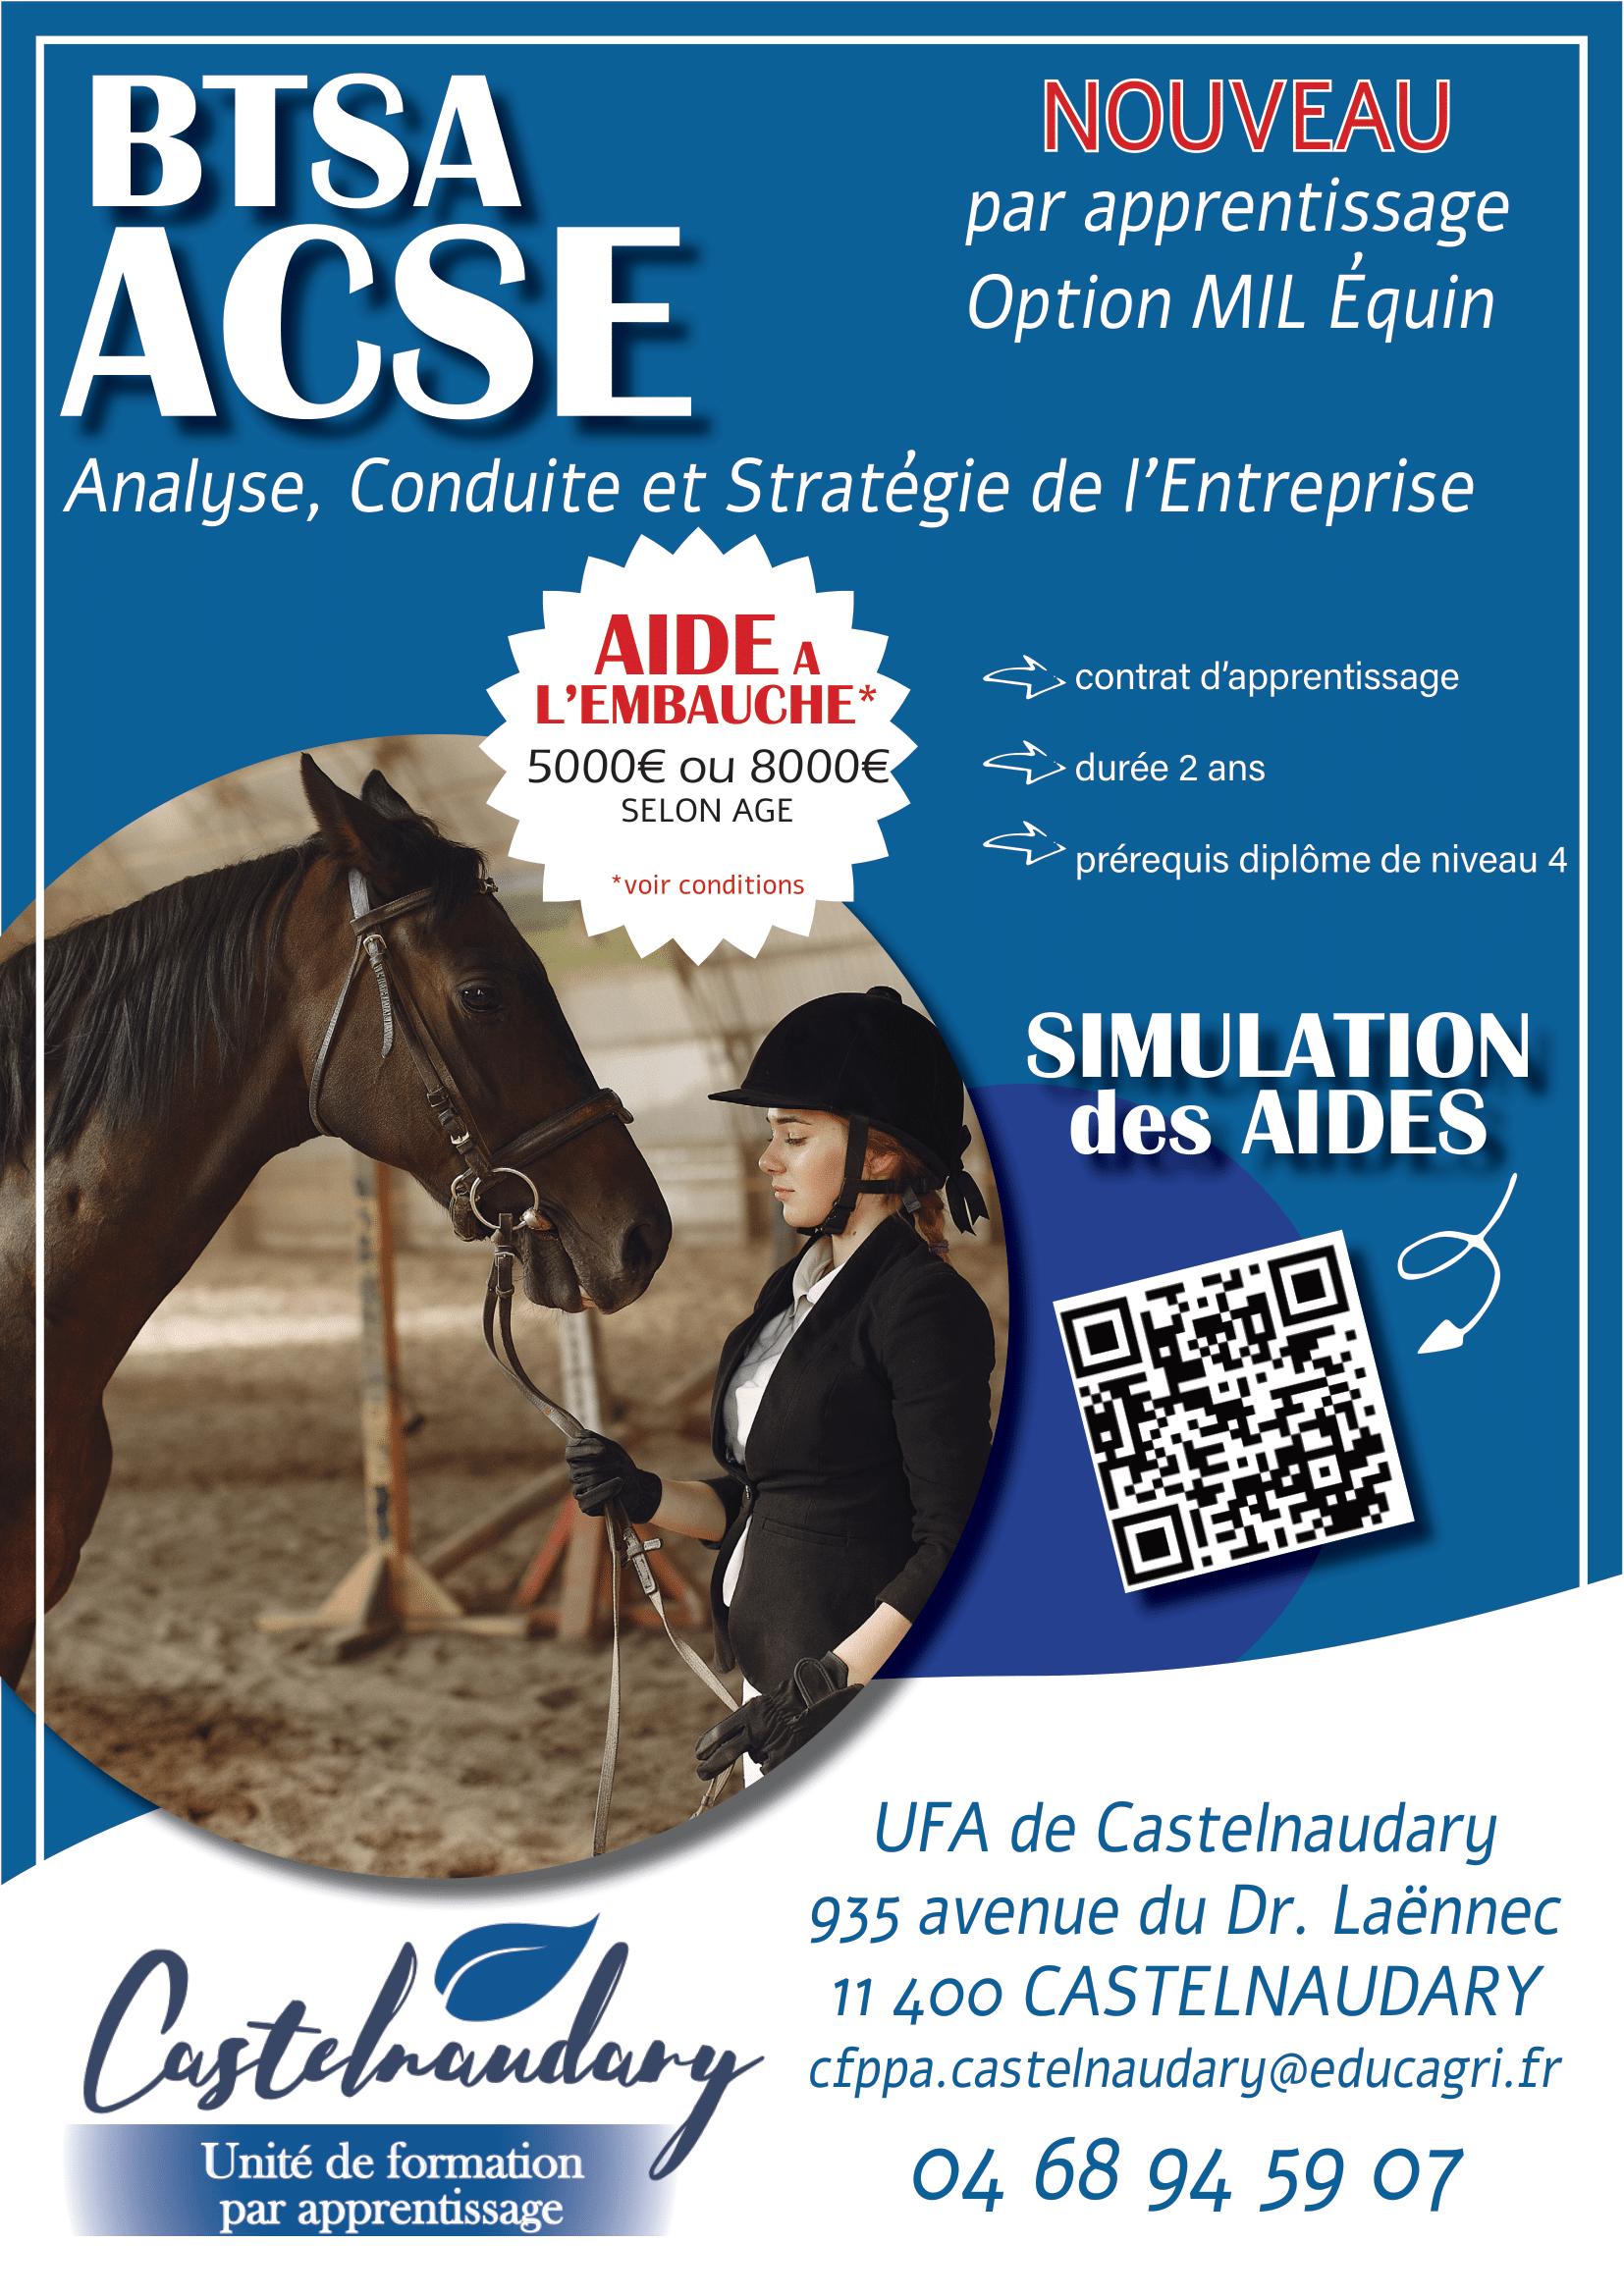 Ouverture d'un nouveau BTSA ACSE à Castelnaudary